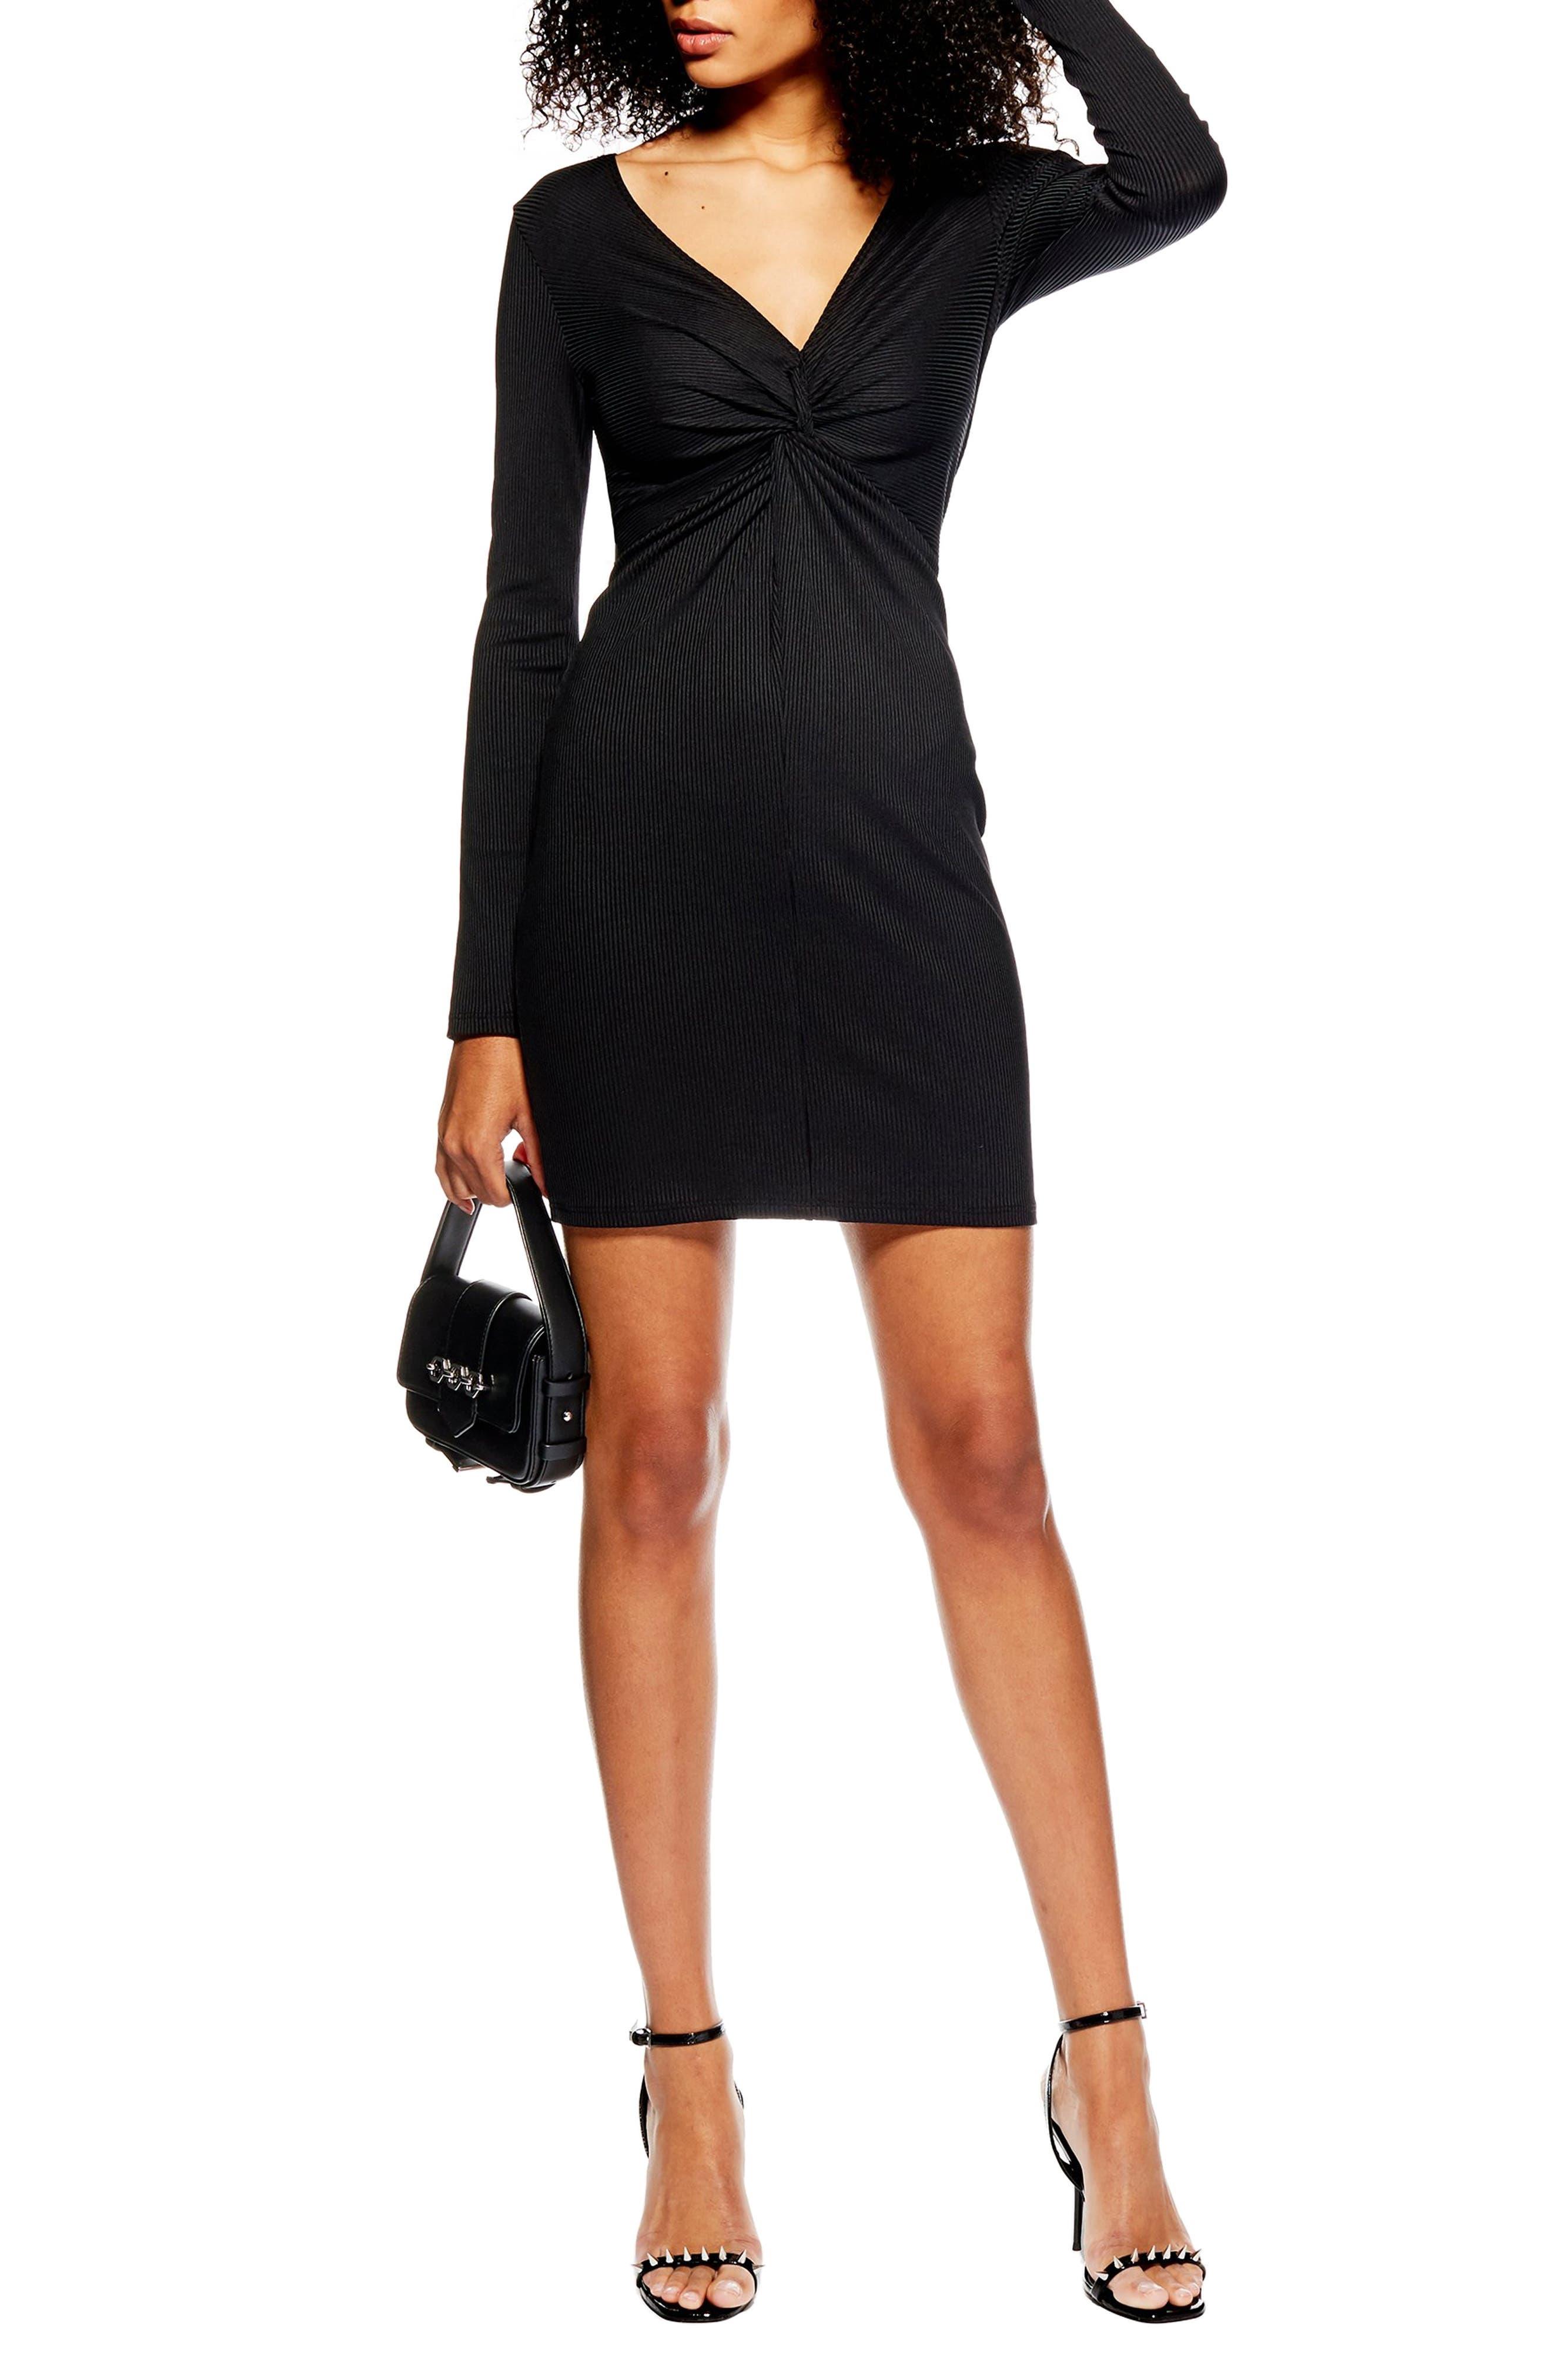 Topshop Rib Knot Minidress, US (fits like 0-2) - Black